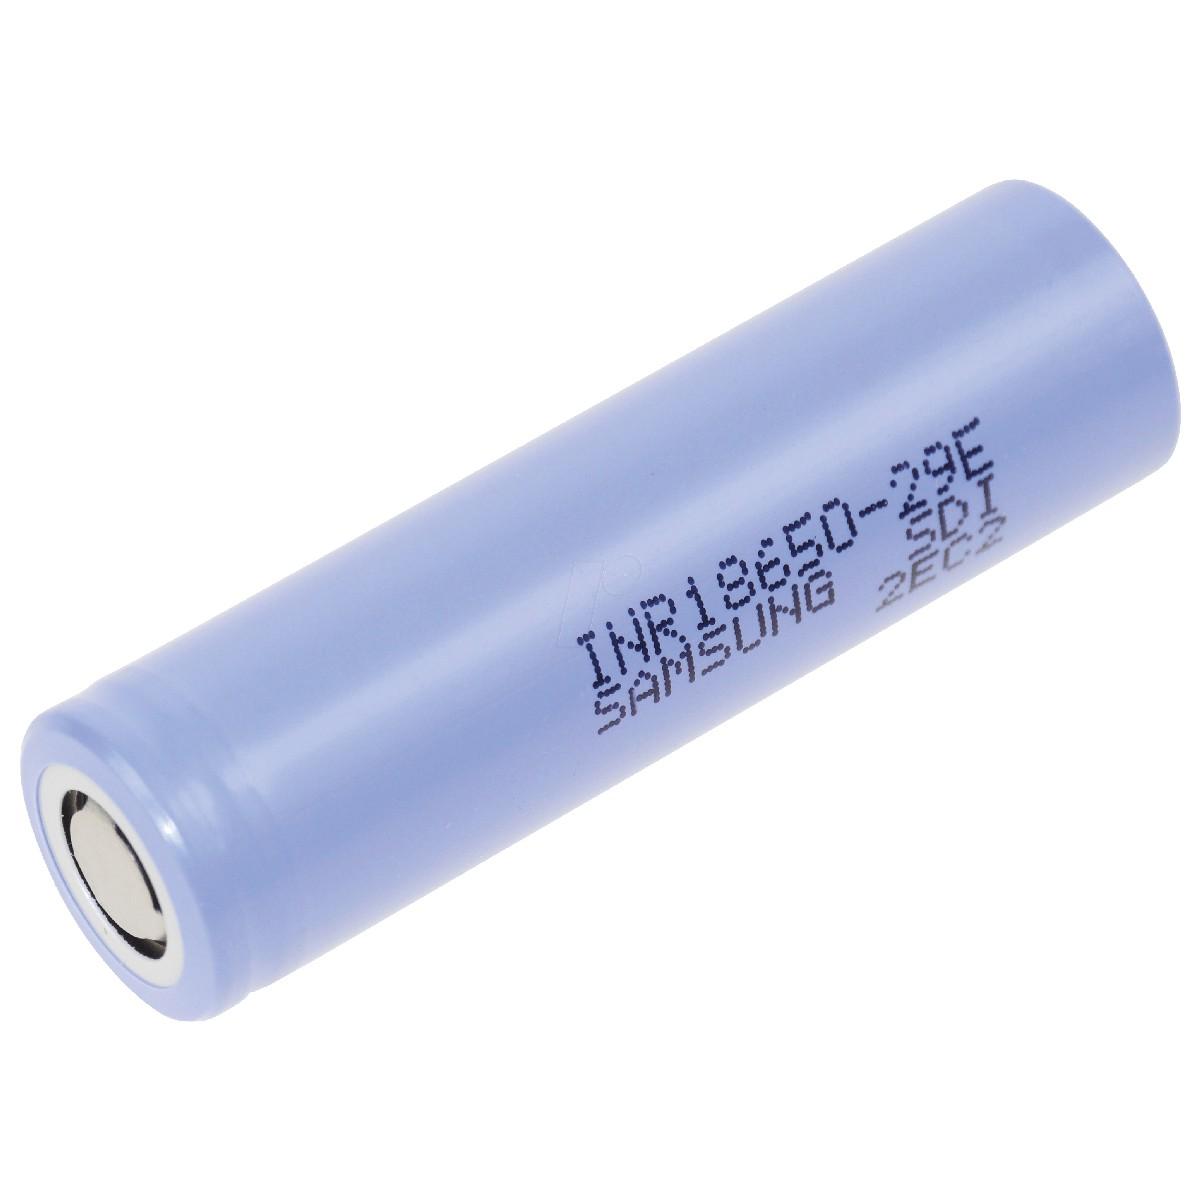 Επαναφορτιζόμενη Μπαταρία Βιομηχανικού Τύπου Samsung 18650 INR18650-29E 2850mAh  Li-ion 3,65V 2850mAh 8,25A